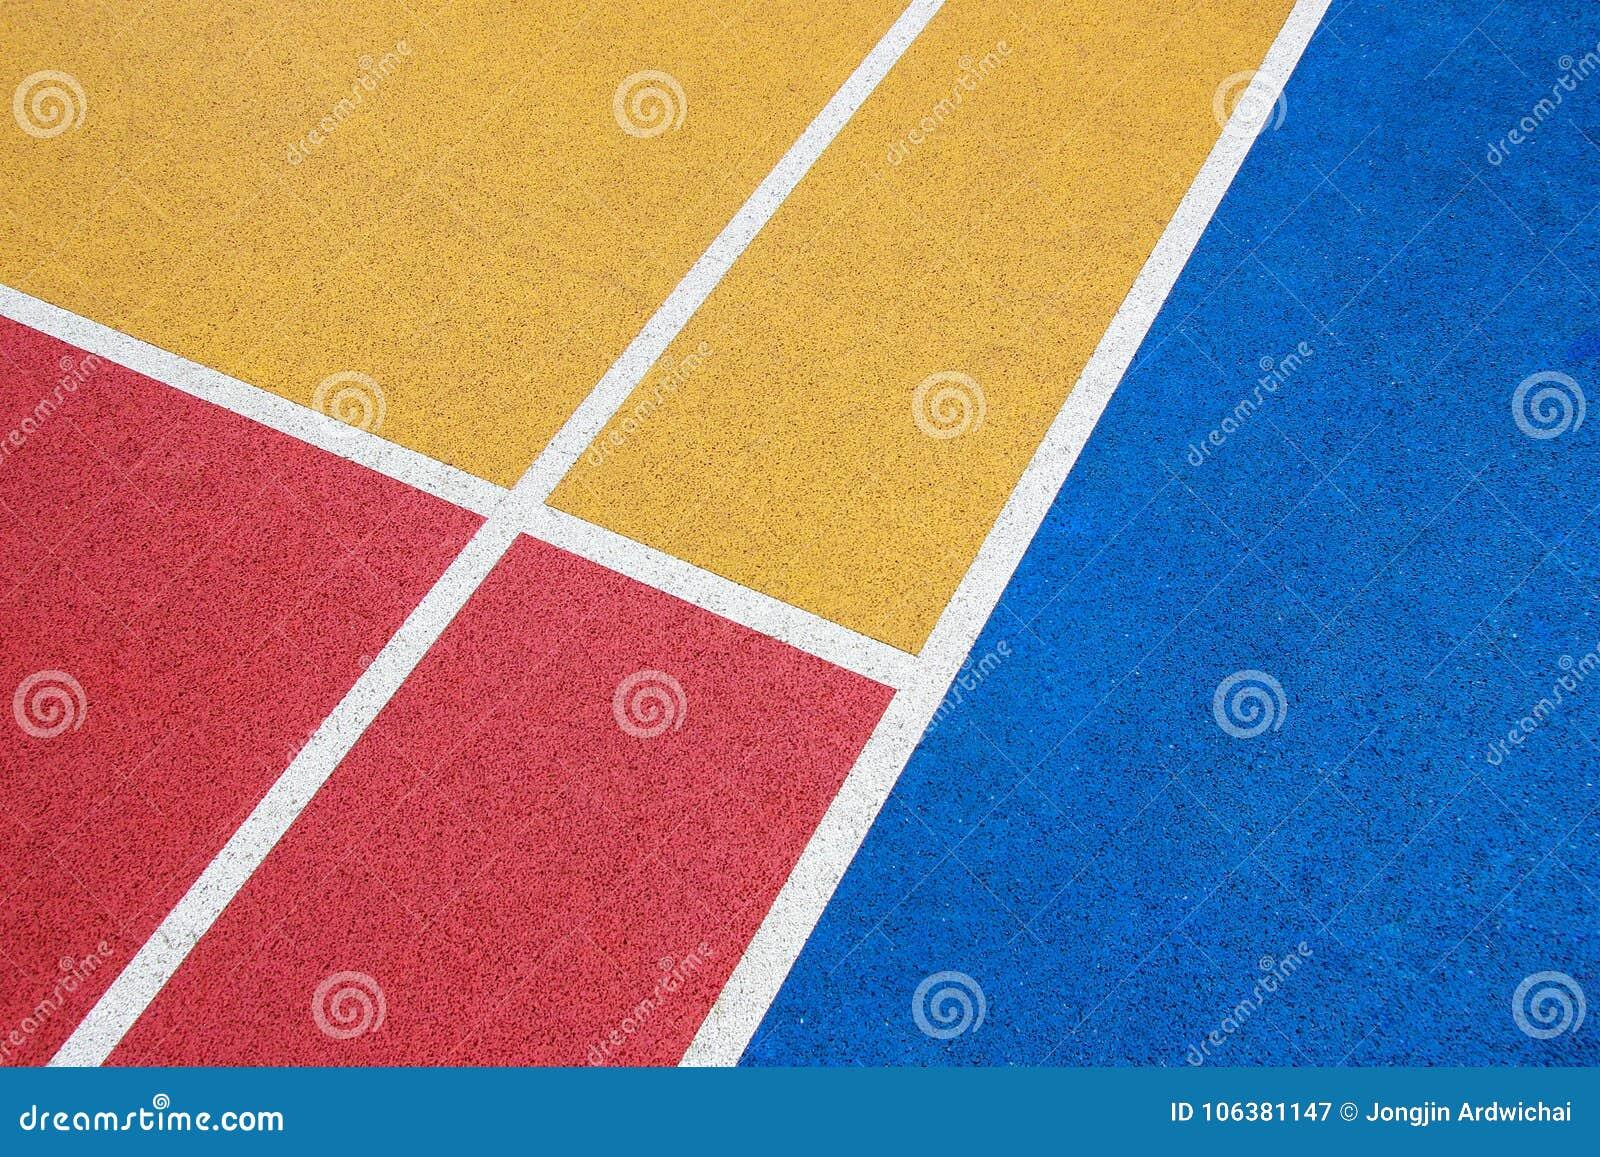 Kolorowy boisko do koszykówki, rewolucjonistka, kolor żółty i błękit z Białą linią,